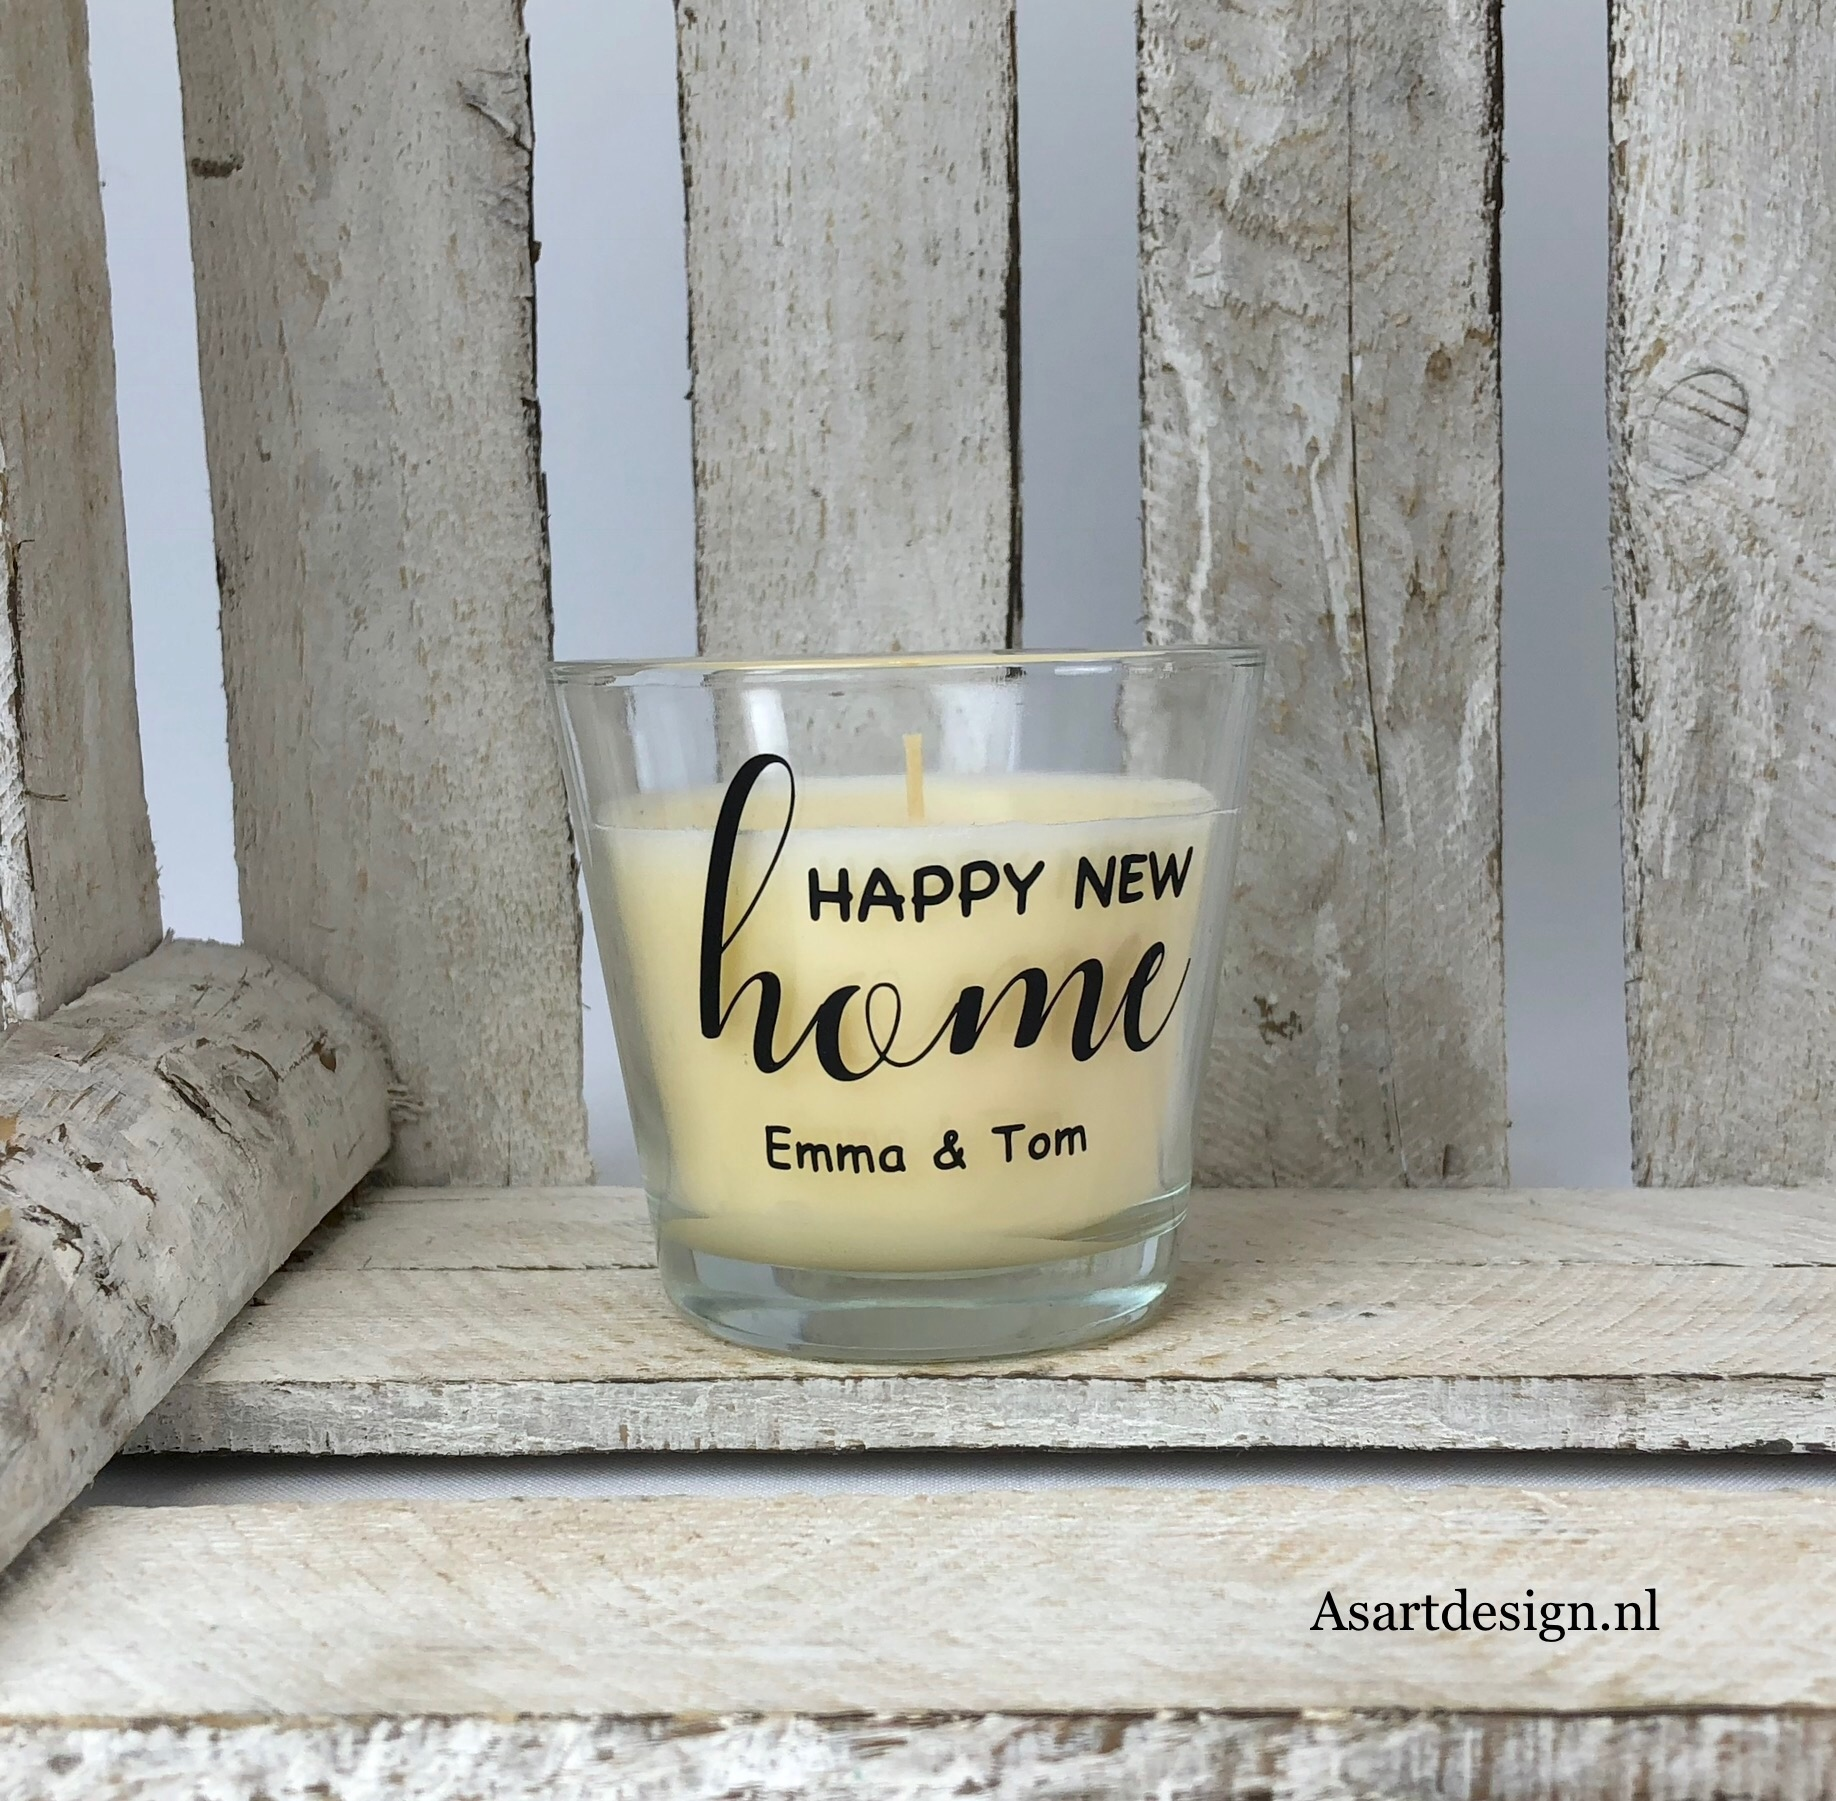 Gepersonaliseerde geurkaars 'Happy new home'